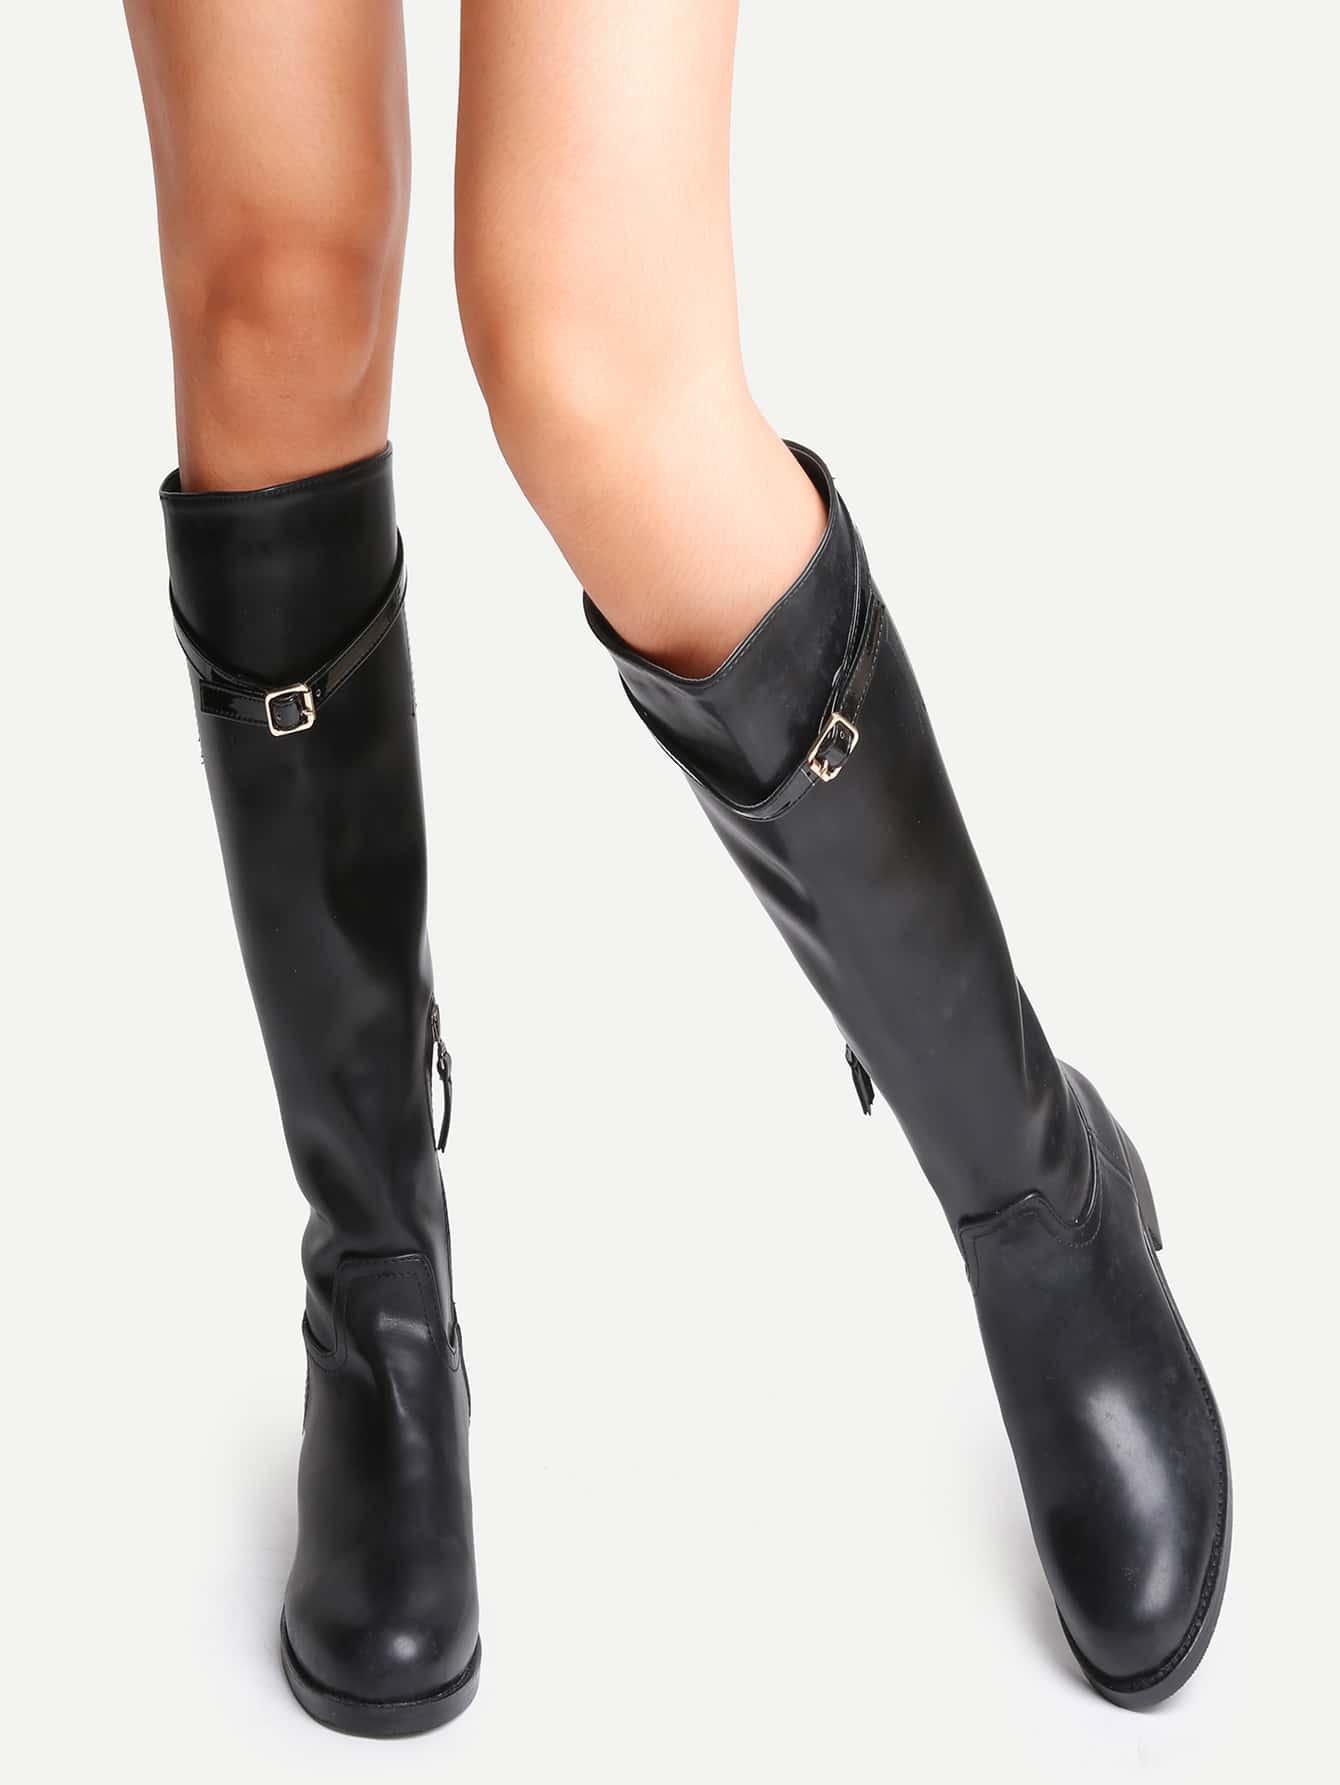 shoes160908805_2